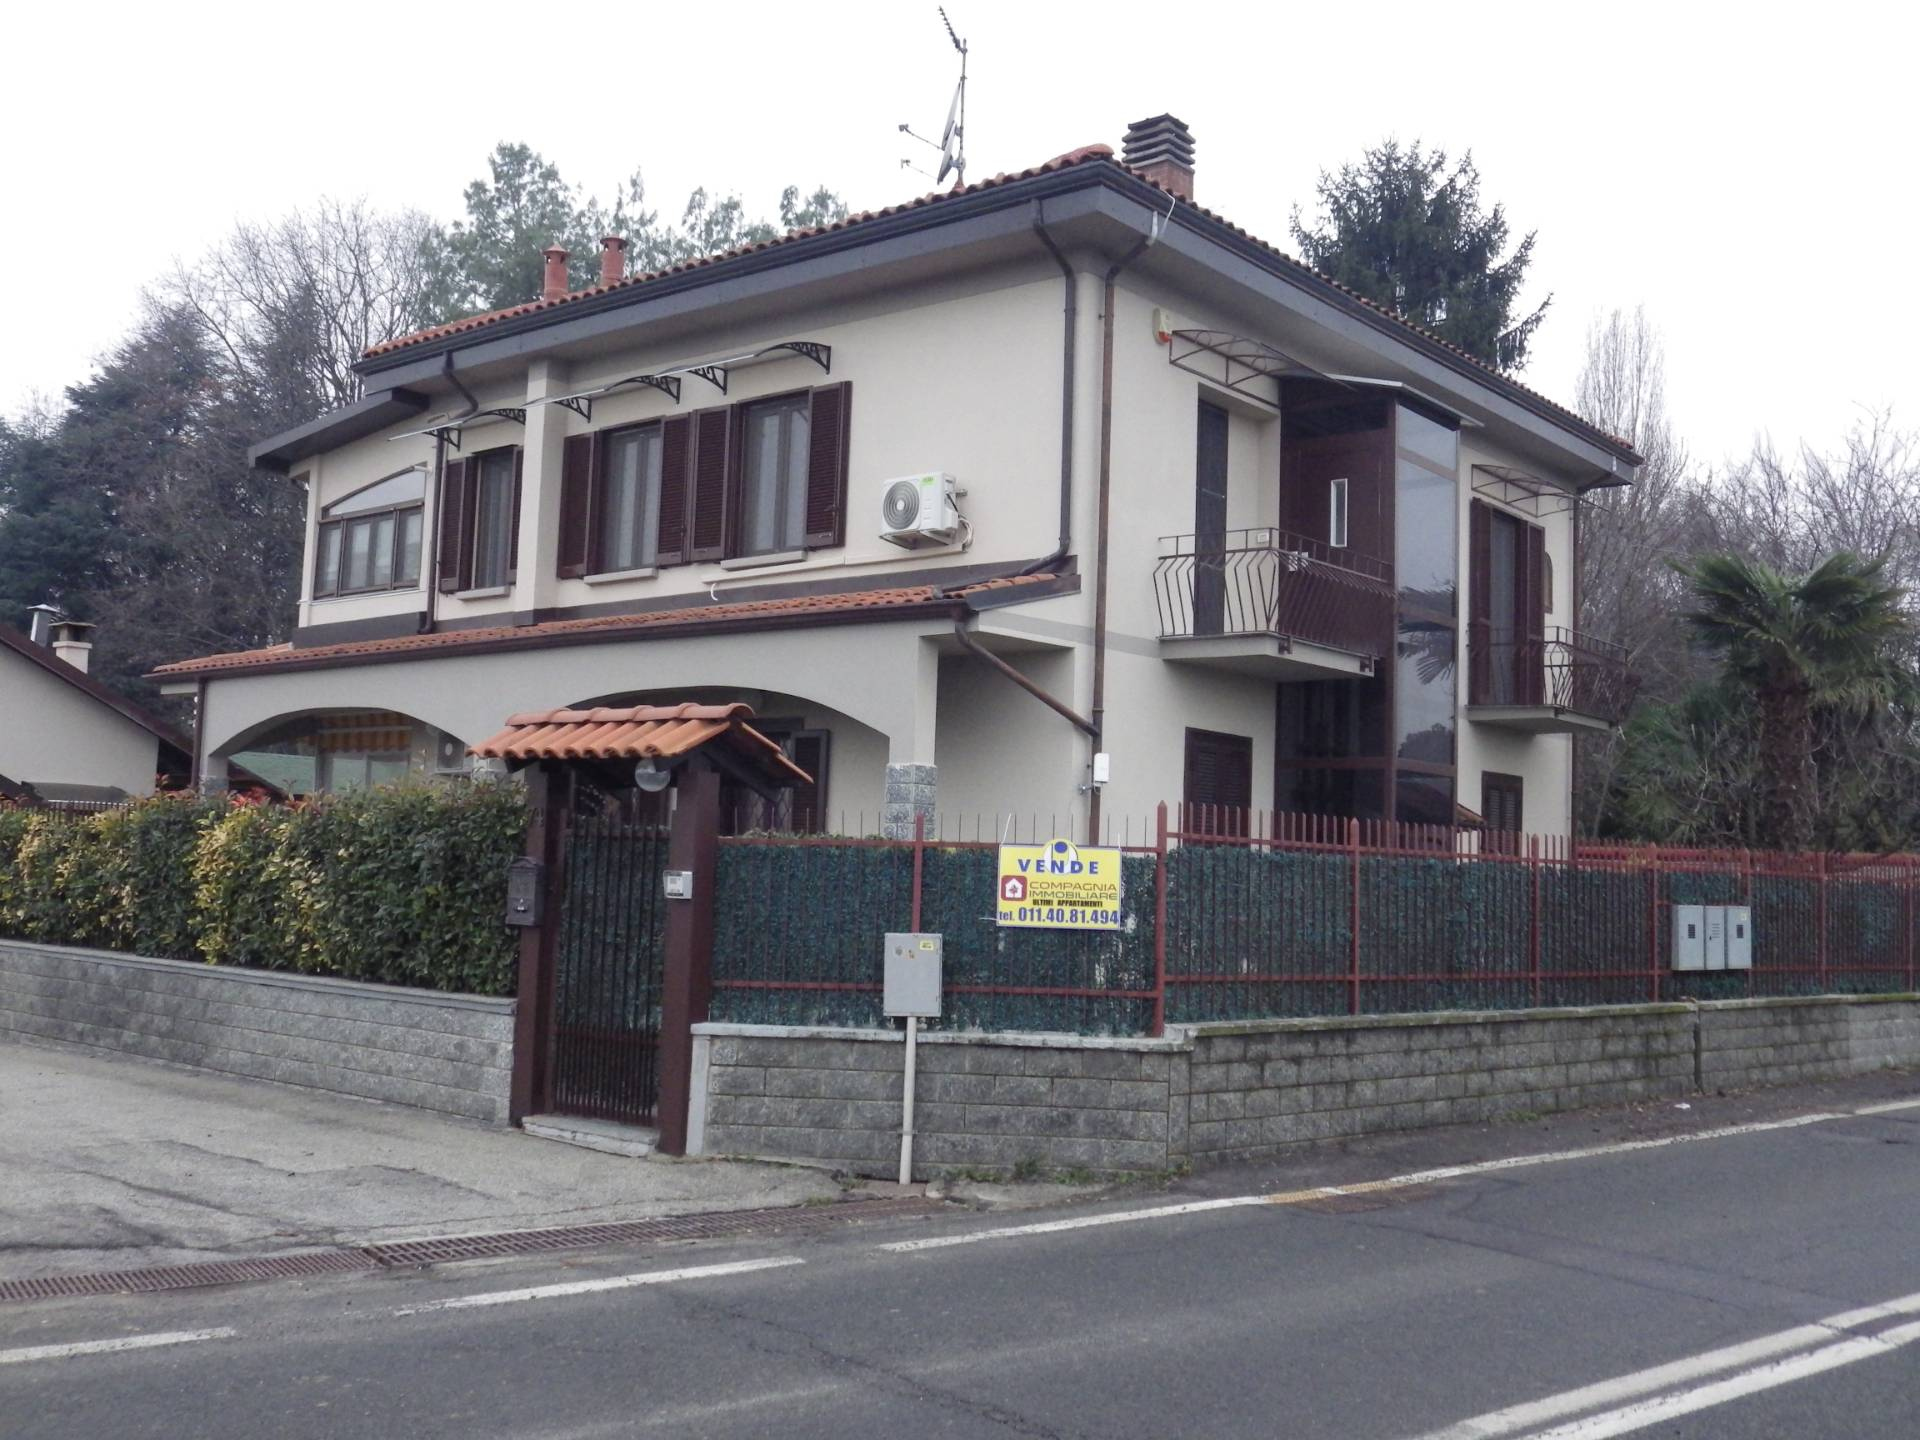 Appartamento in vendita a Alpignano, 6 locali, zona Località: ImmersaNelVerde, prezzo € 348.000 | CambioCasa.it